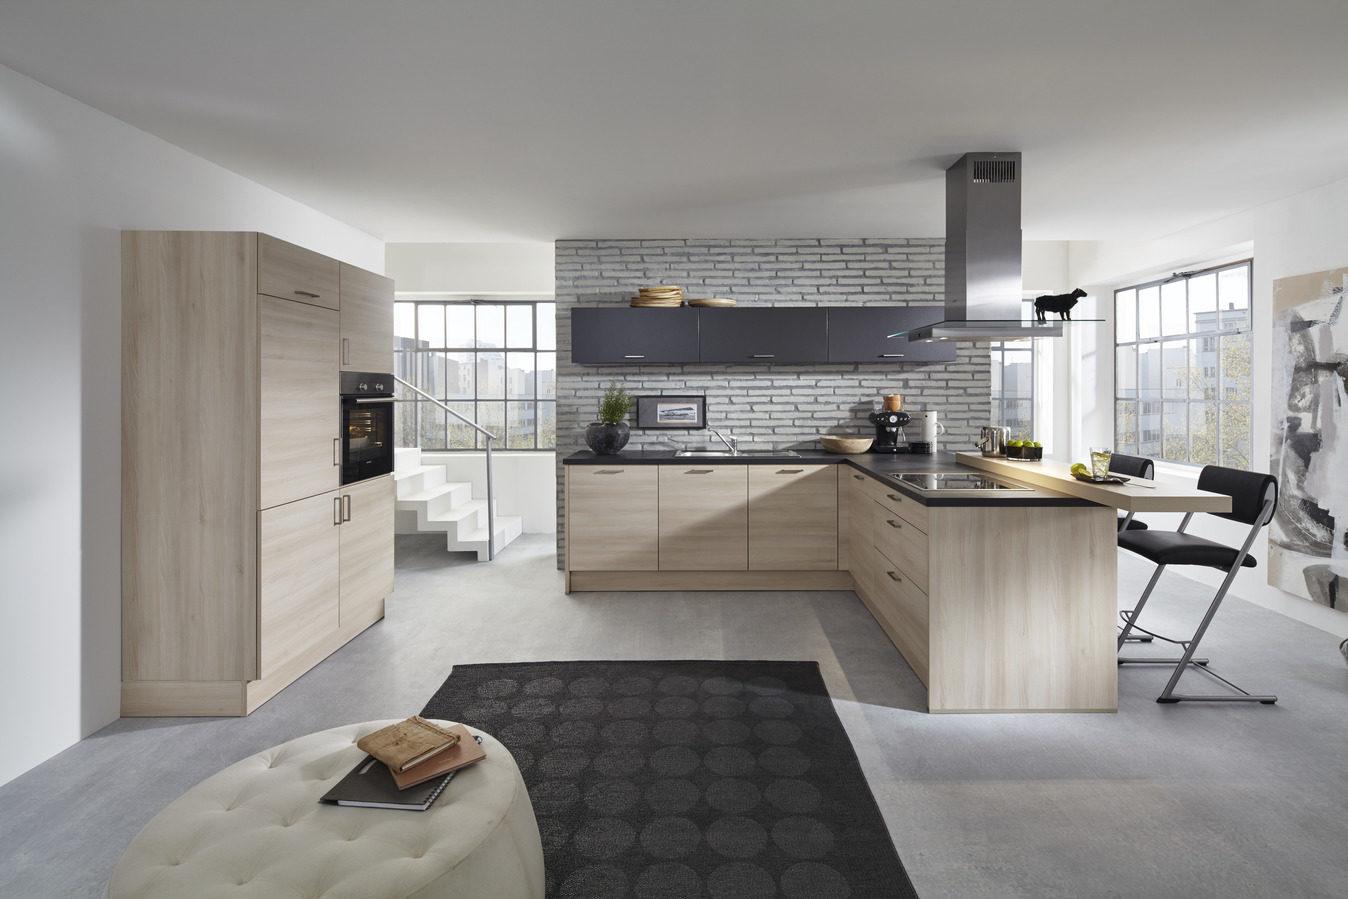 Möbel Bohn Crailsheim, Möbel A-Z, Küchen, Culineo ...